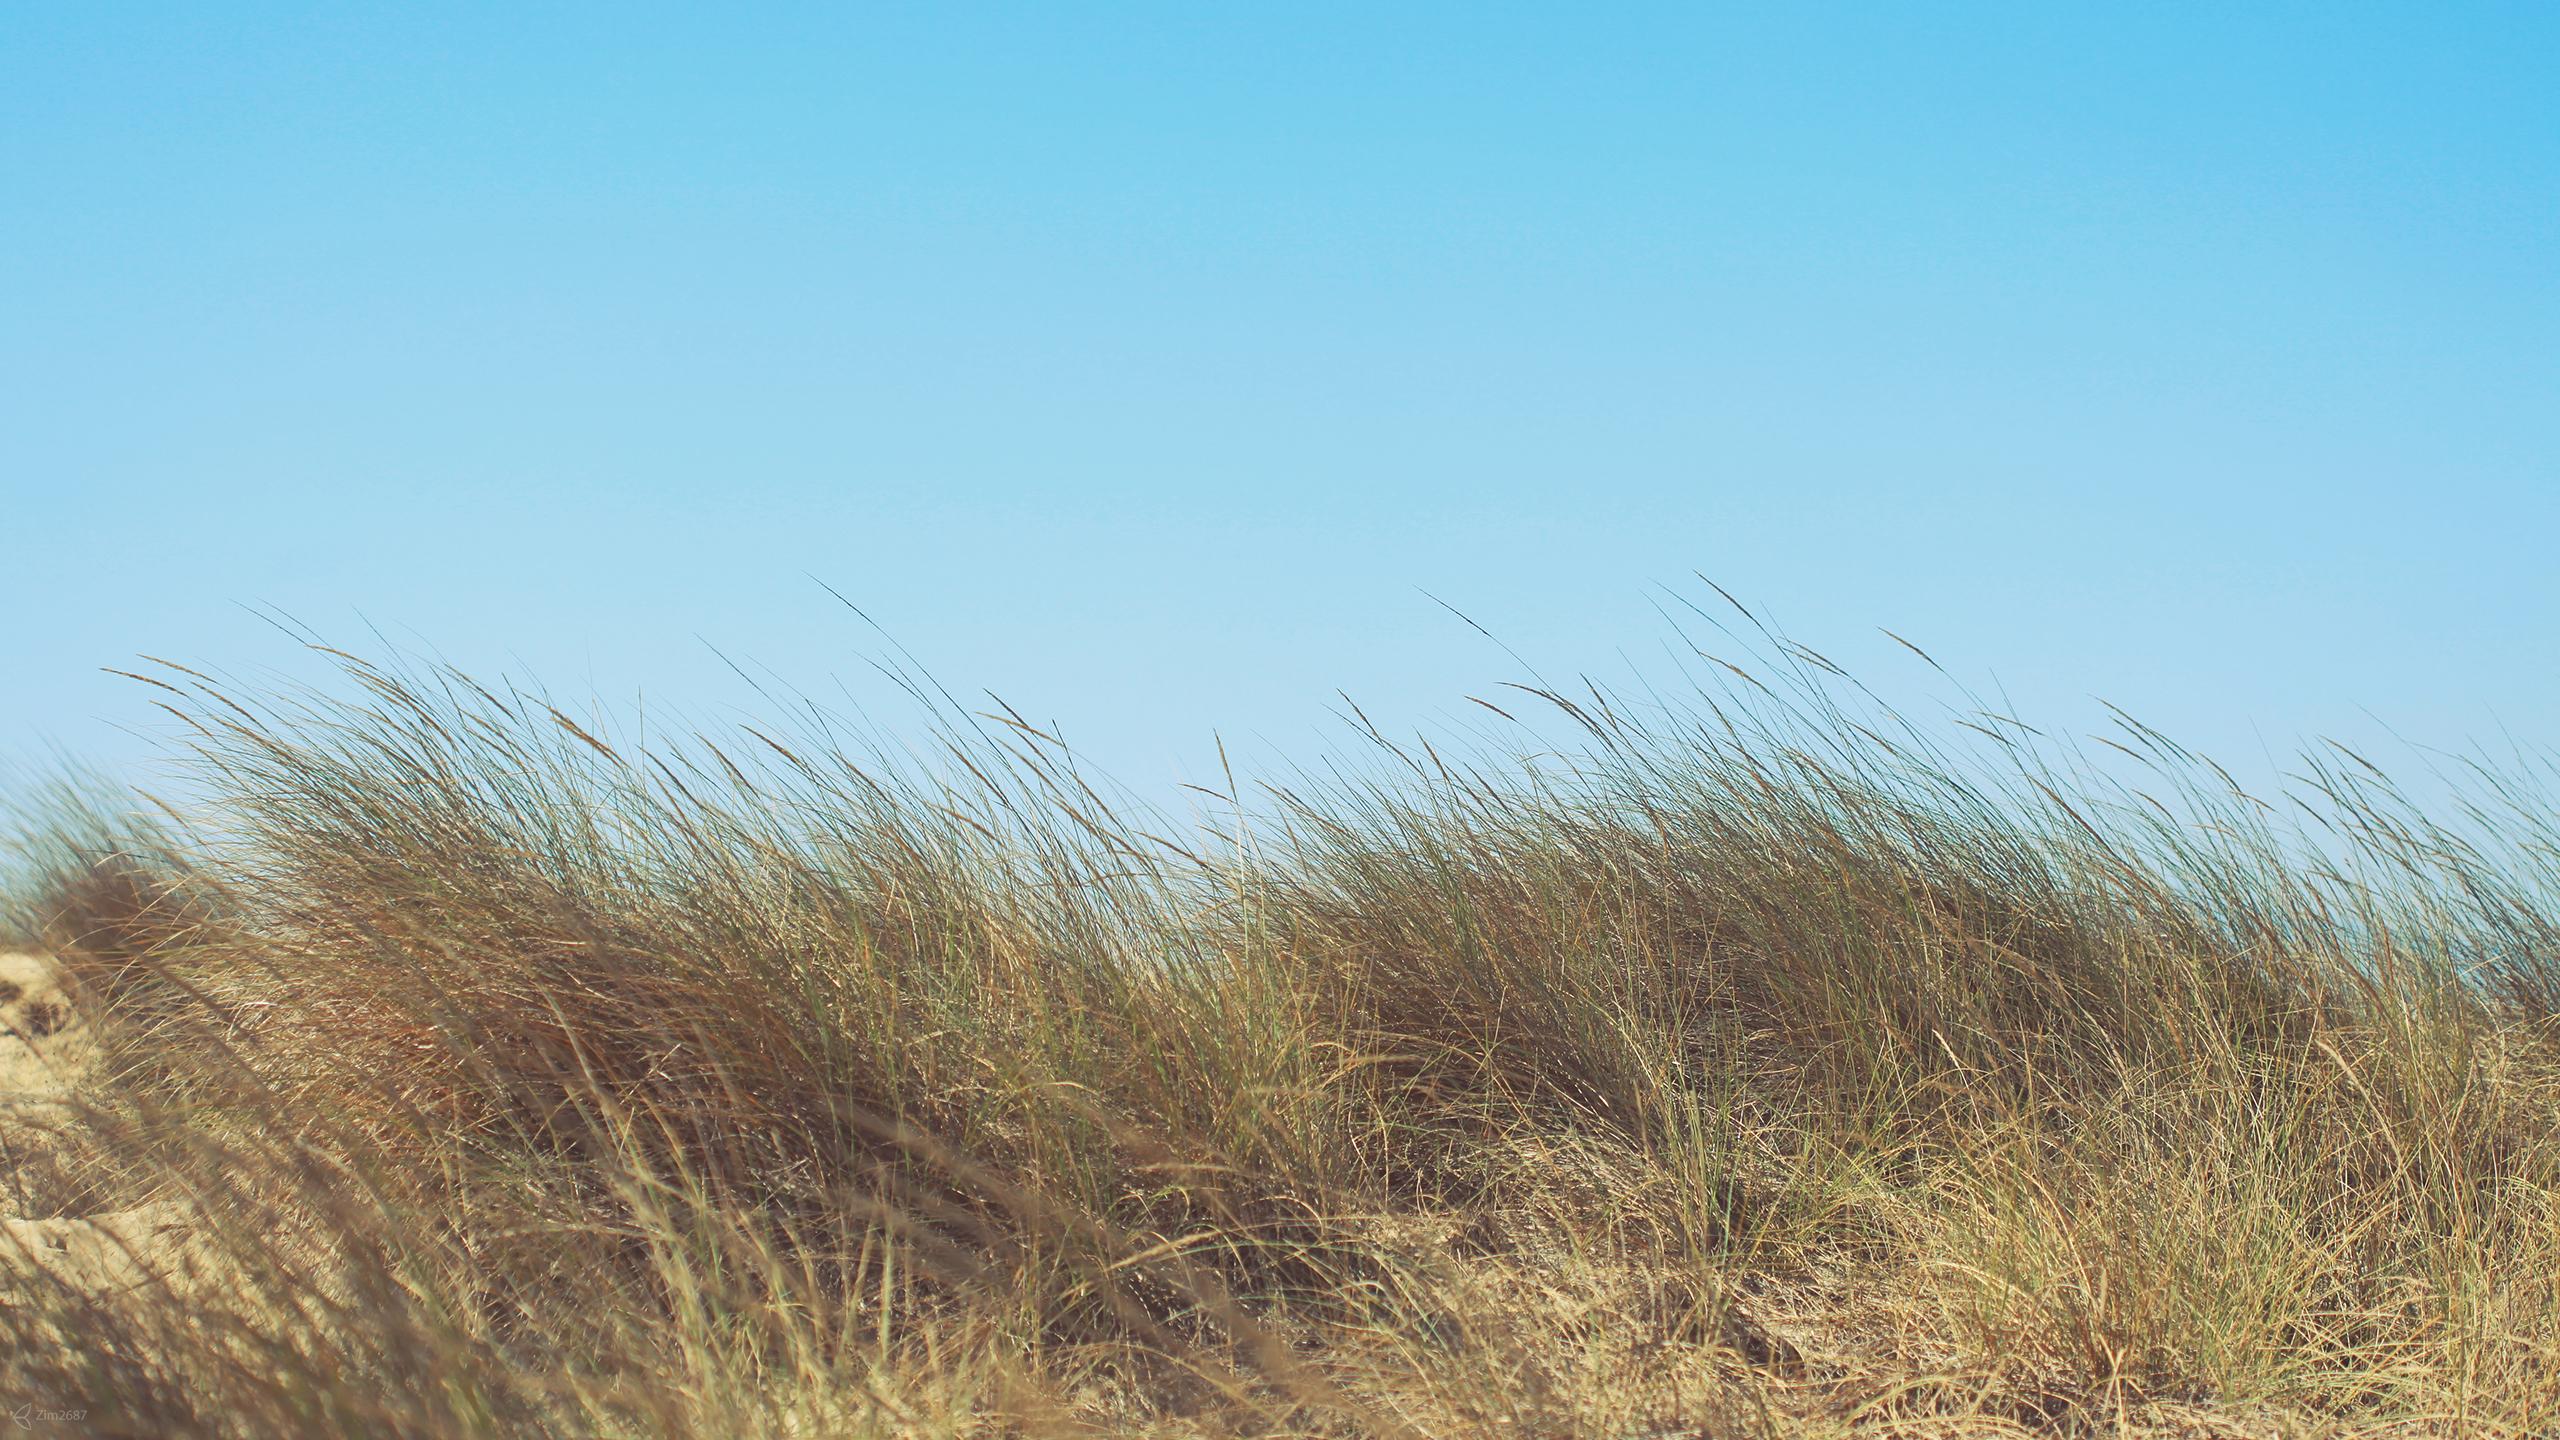 18562 скачать обои Растения, Пейзаж, Трава, Небо - заставки и картинки бесплатно